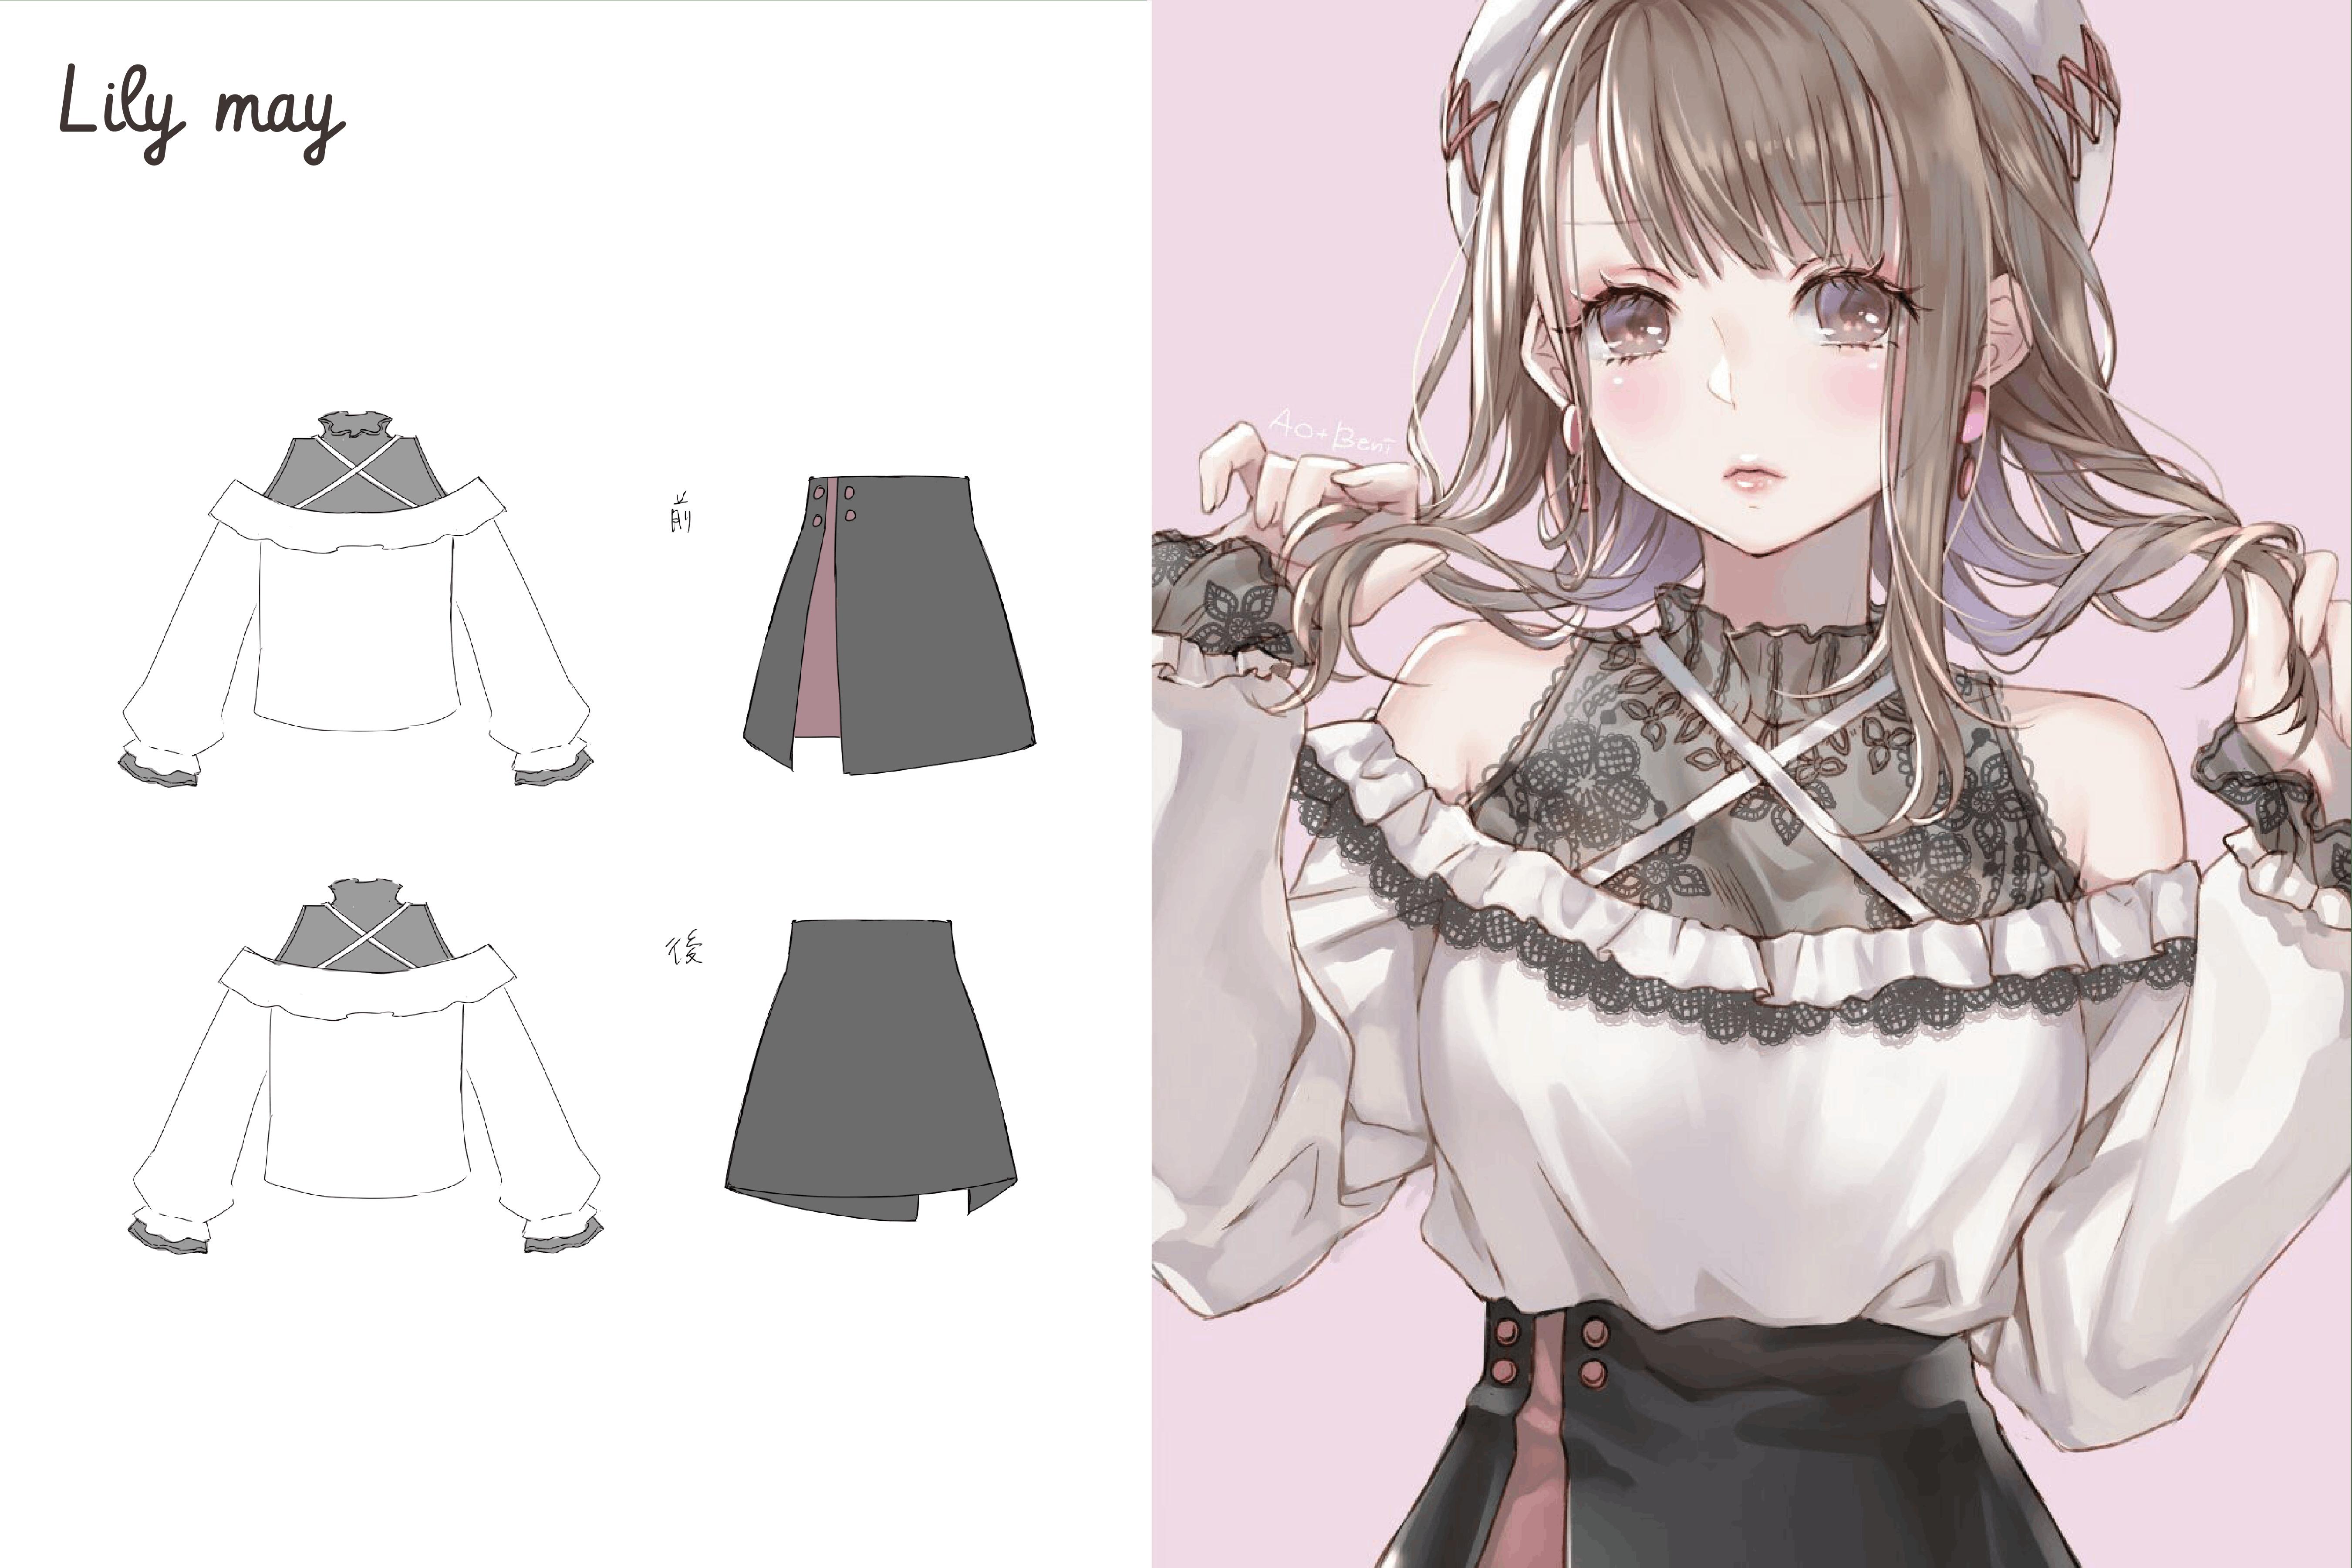 青紅さんデザイン「ファッションブランド」作成プロジェクト